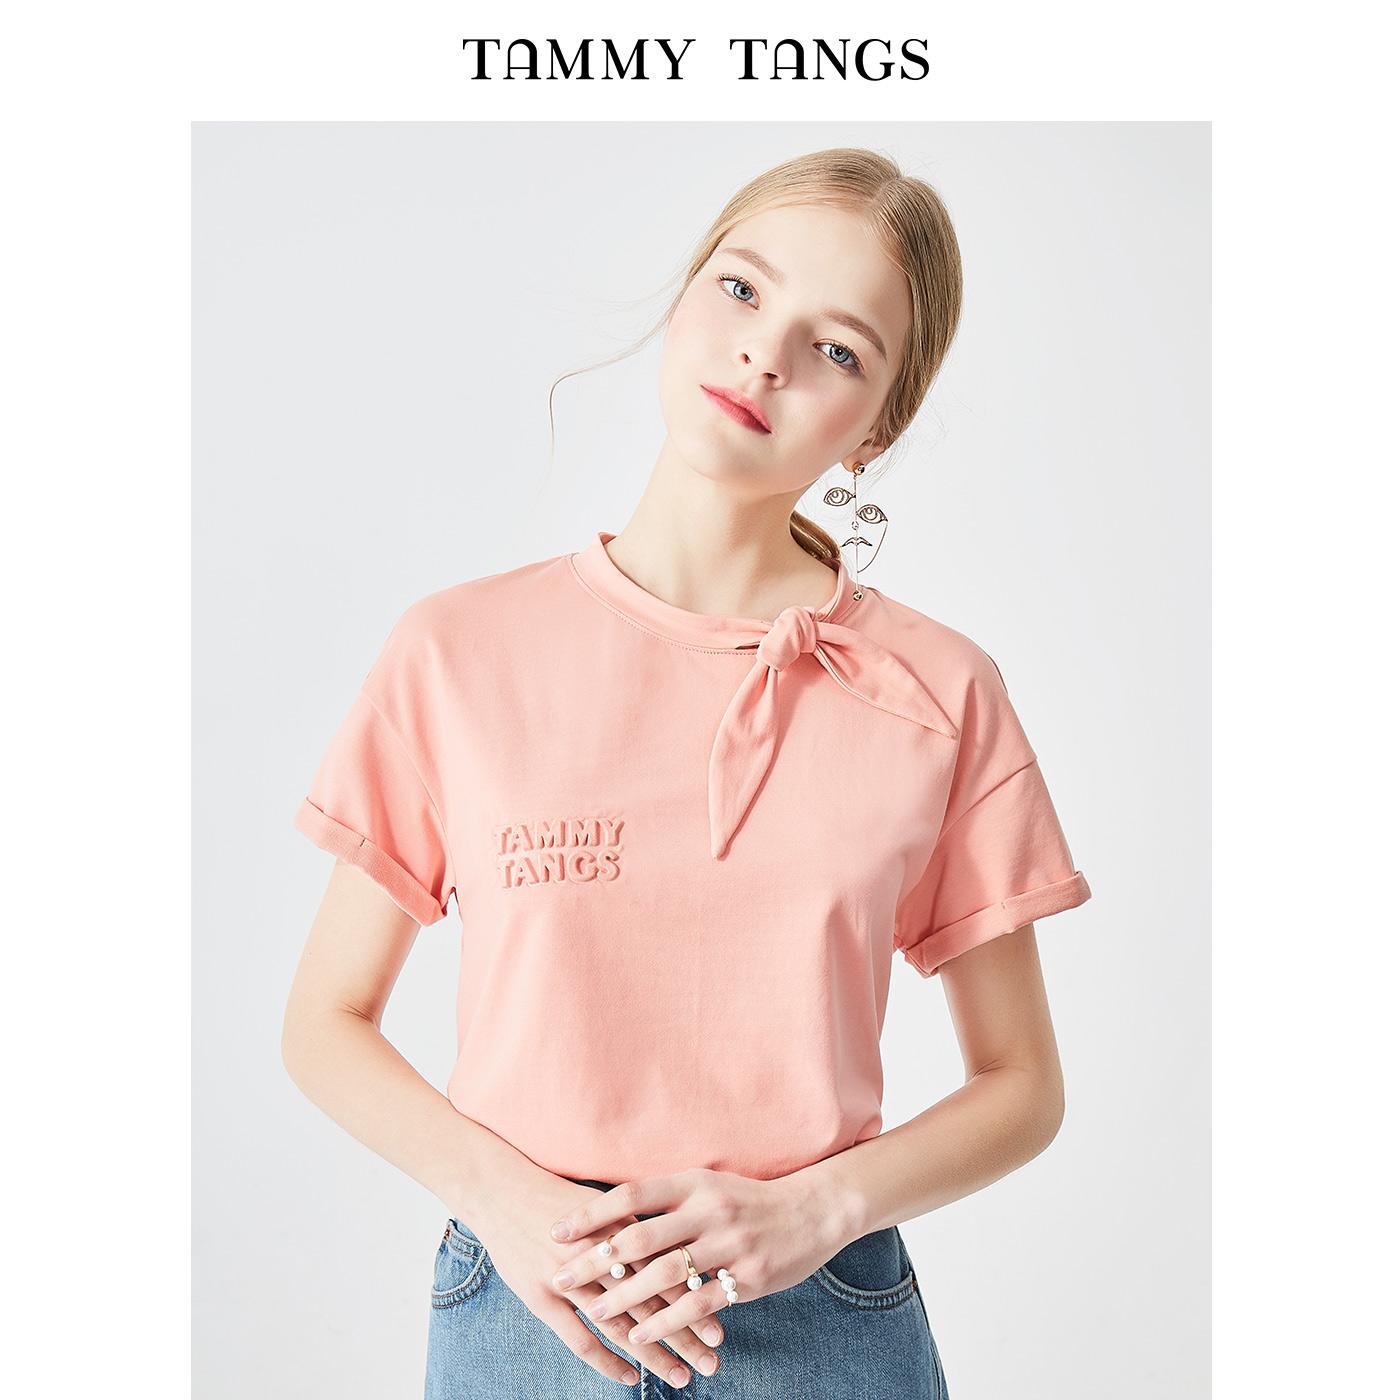 糖力2018夏装新款橘色领口绑带短袖T恤女棉质宽松休闲打底衫上衣